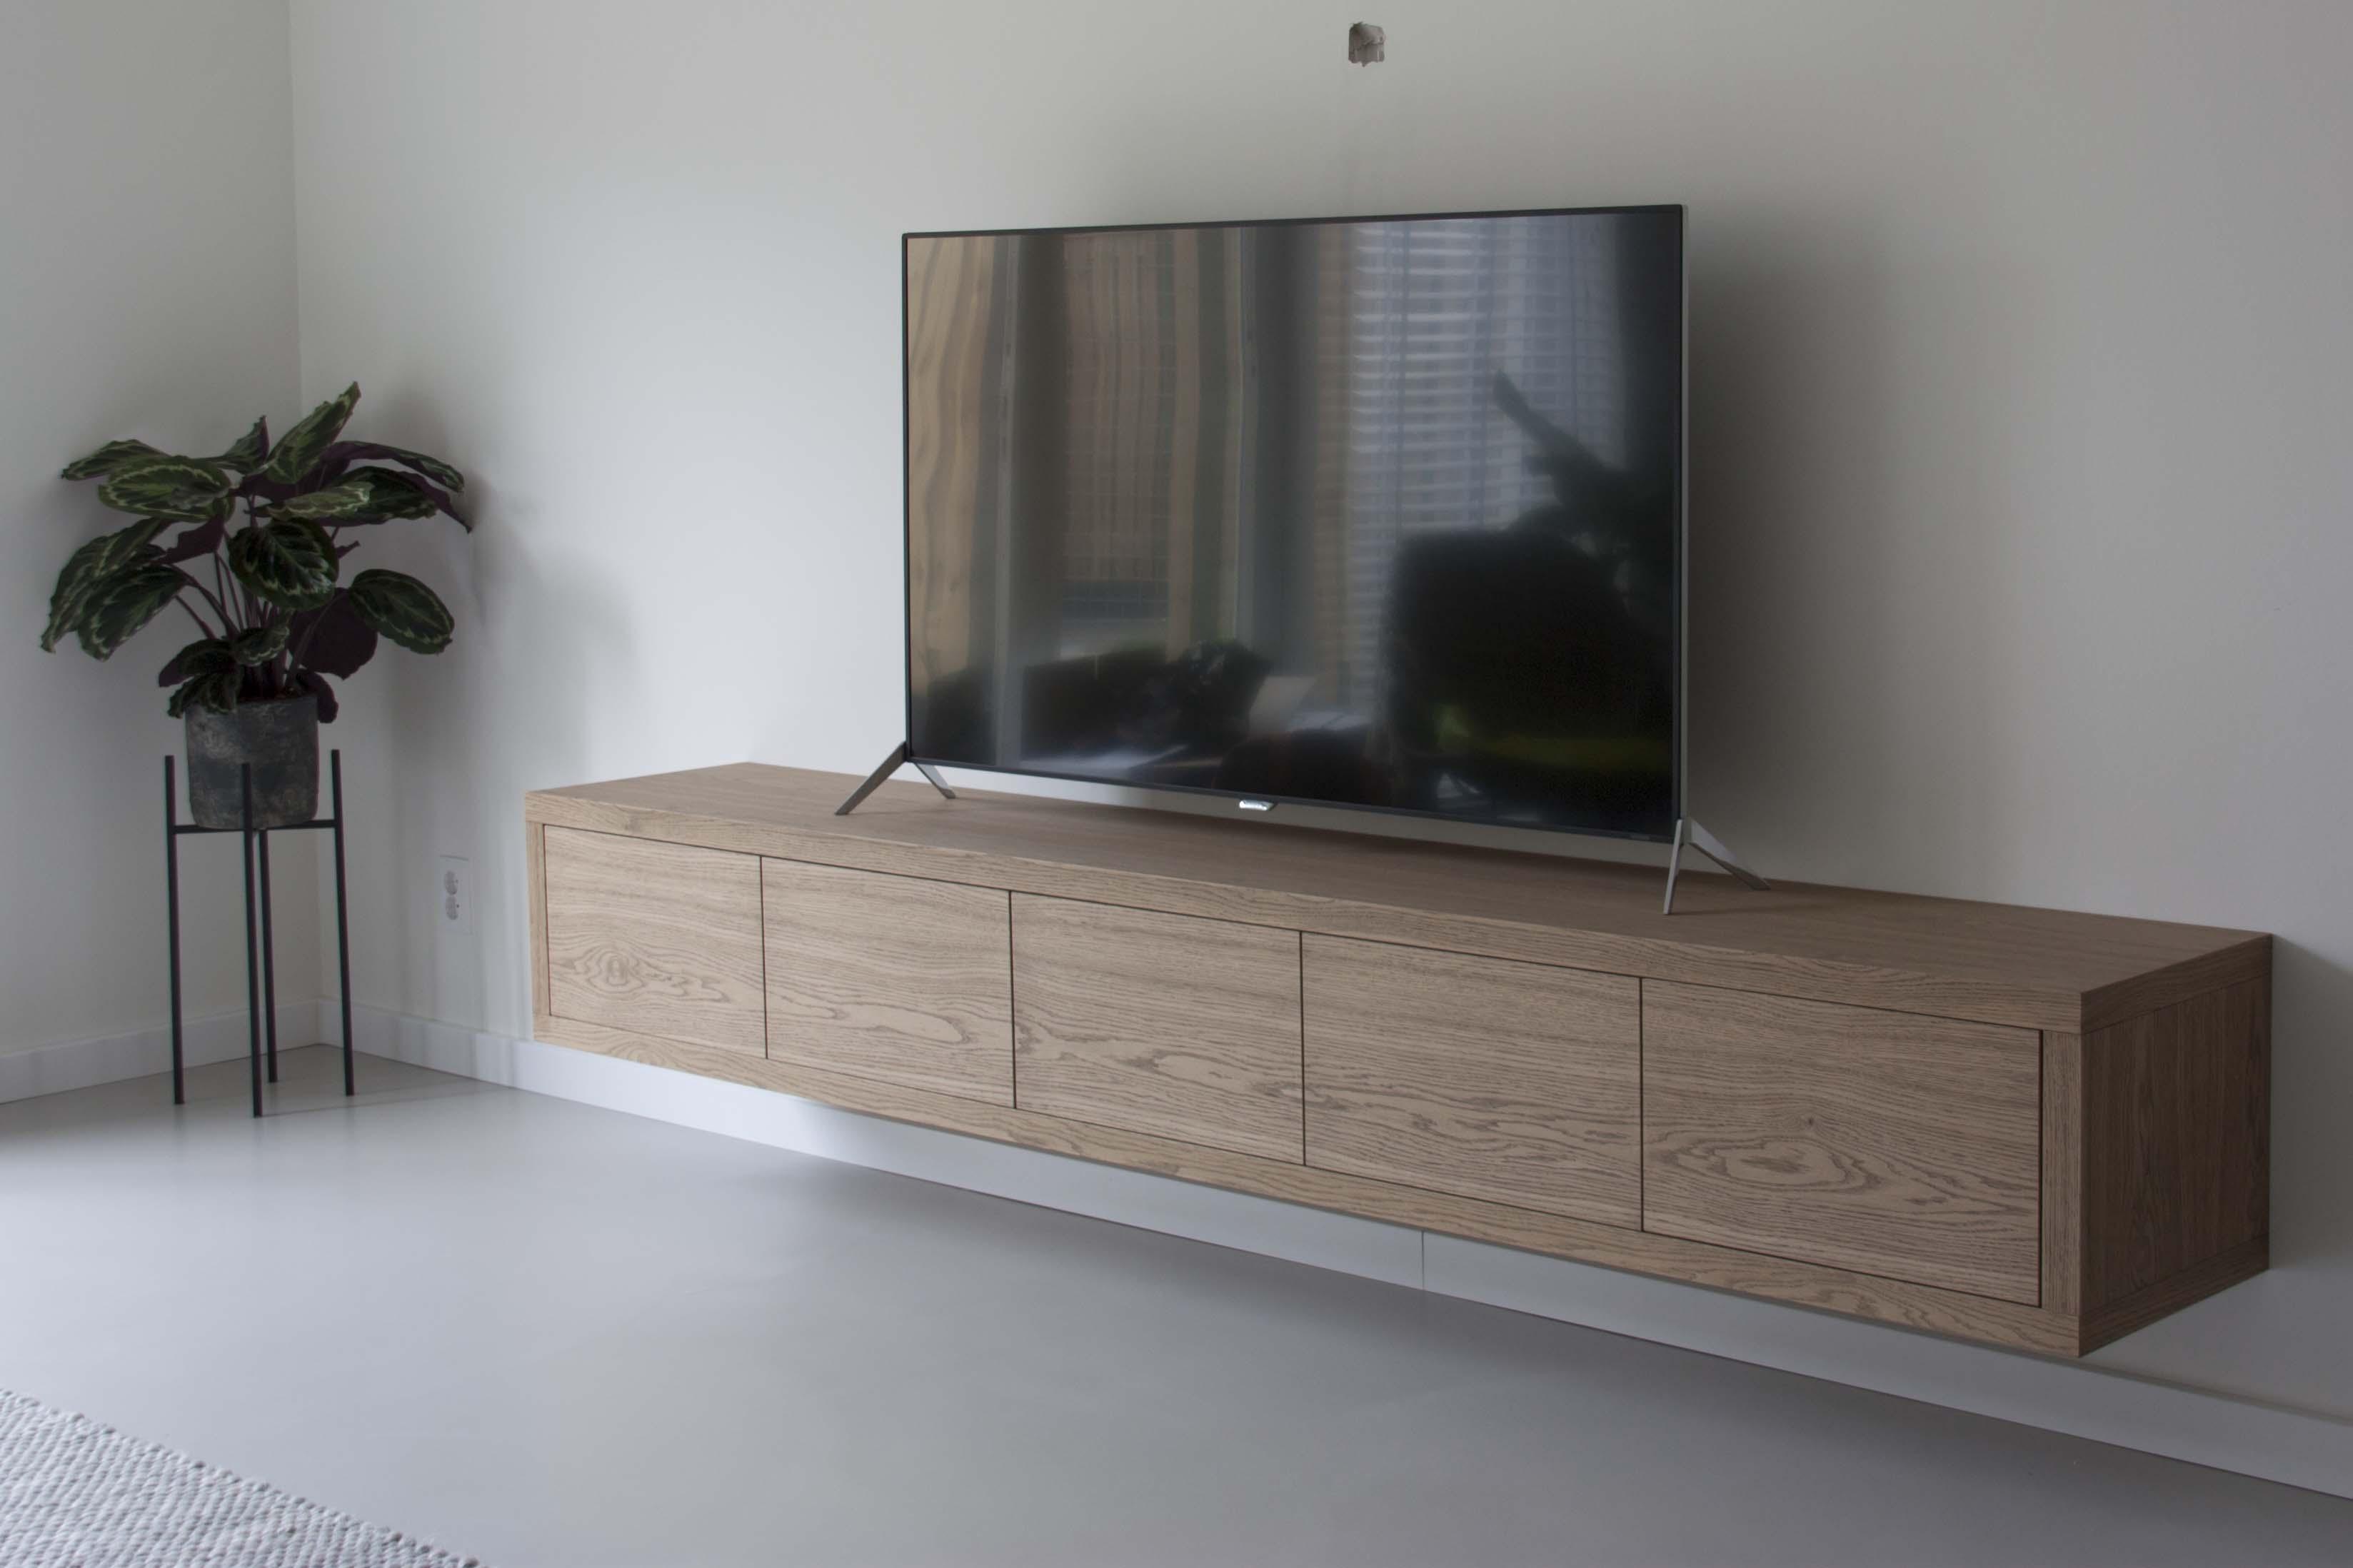 Tv Kast Hangend : Tv meubel design zwevend